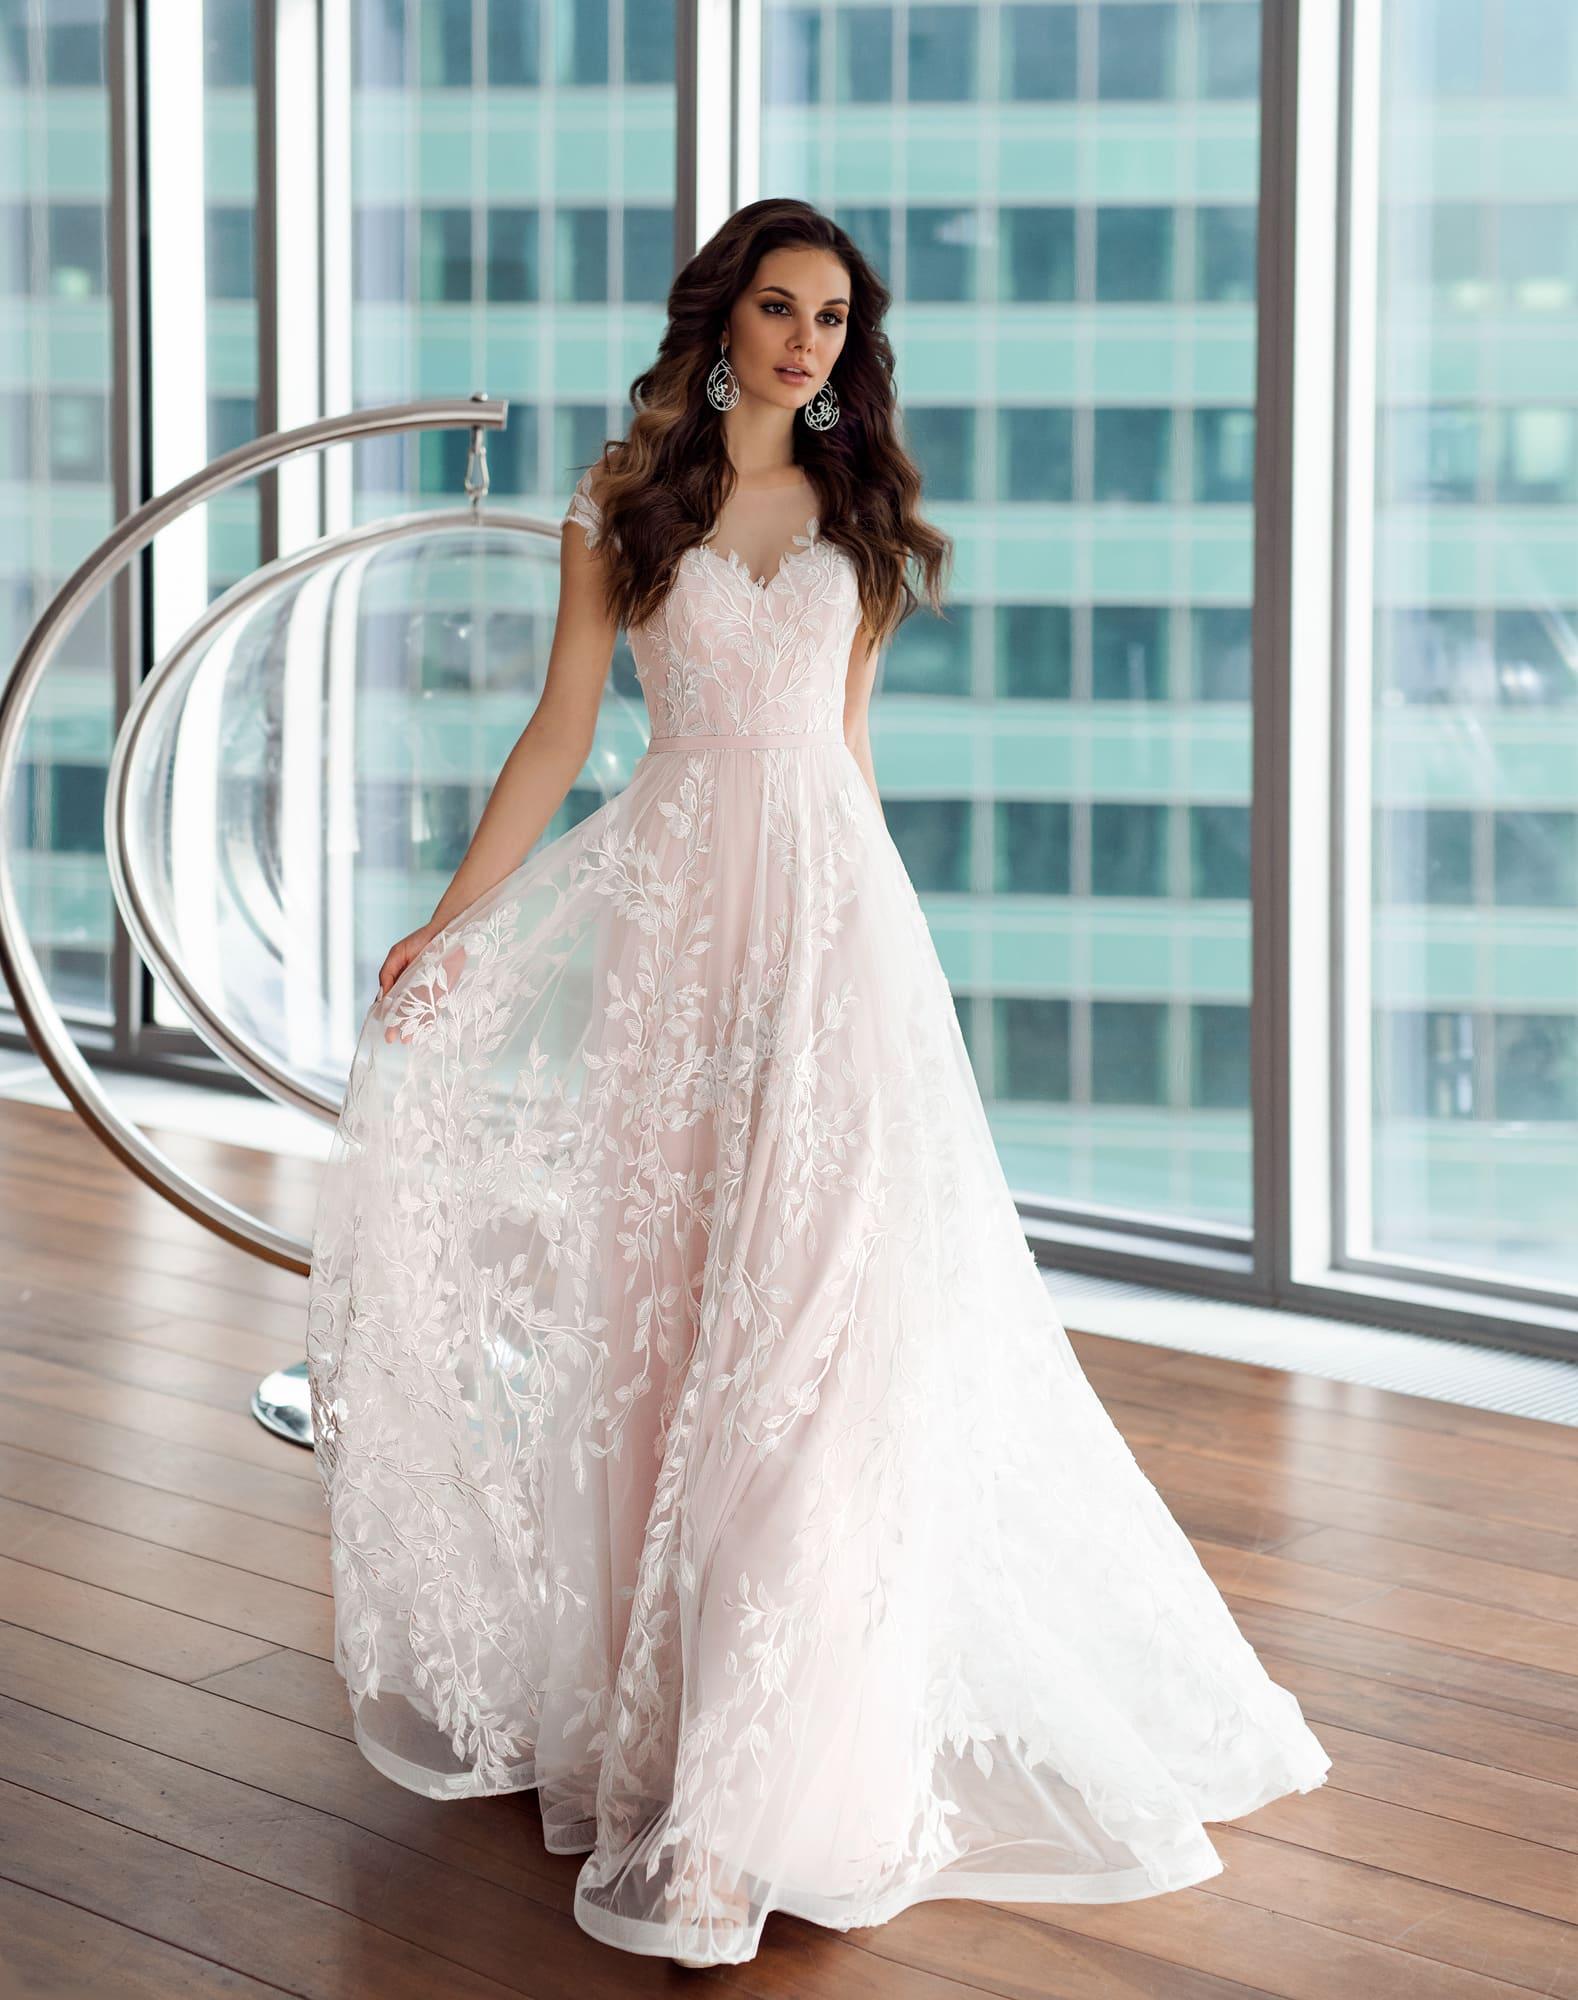 Картинки свадебные платья 2019, любимому